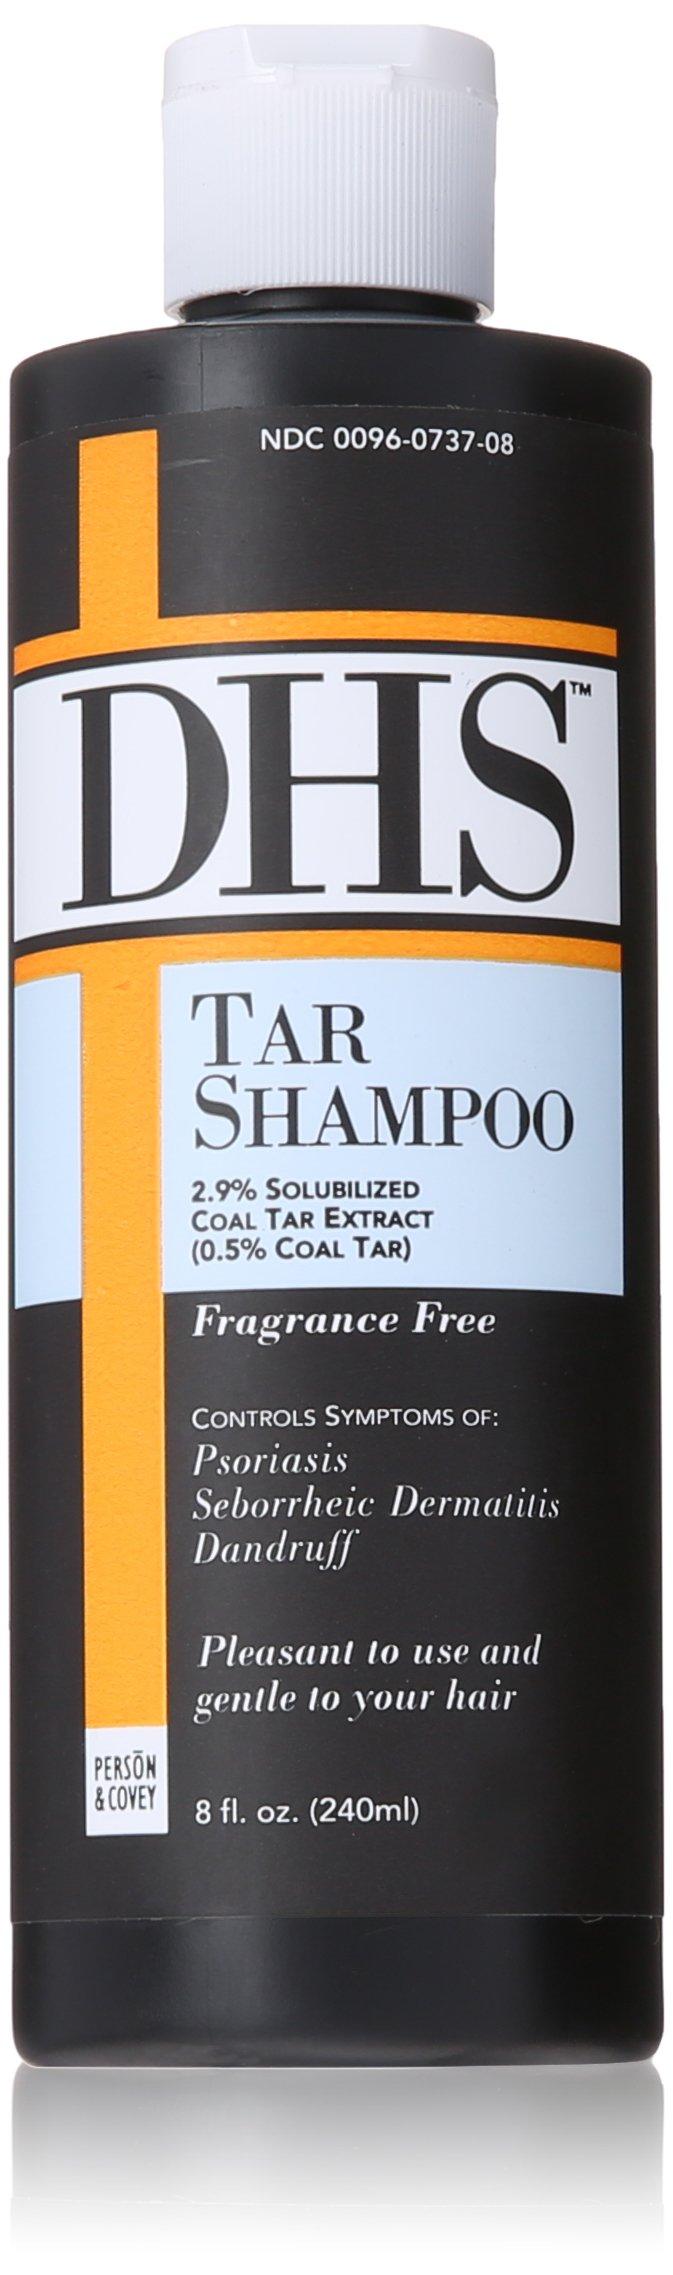 DHS Tar Shampoo, 8 Fluid Ounce by DHS